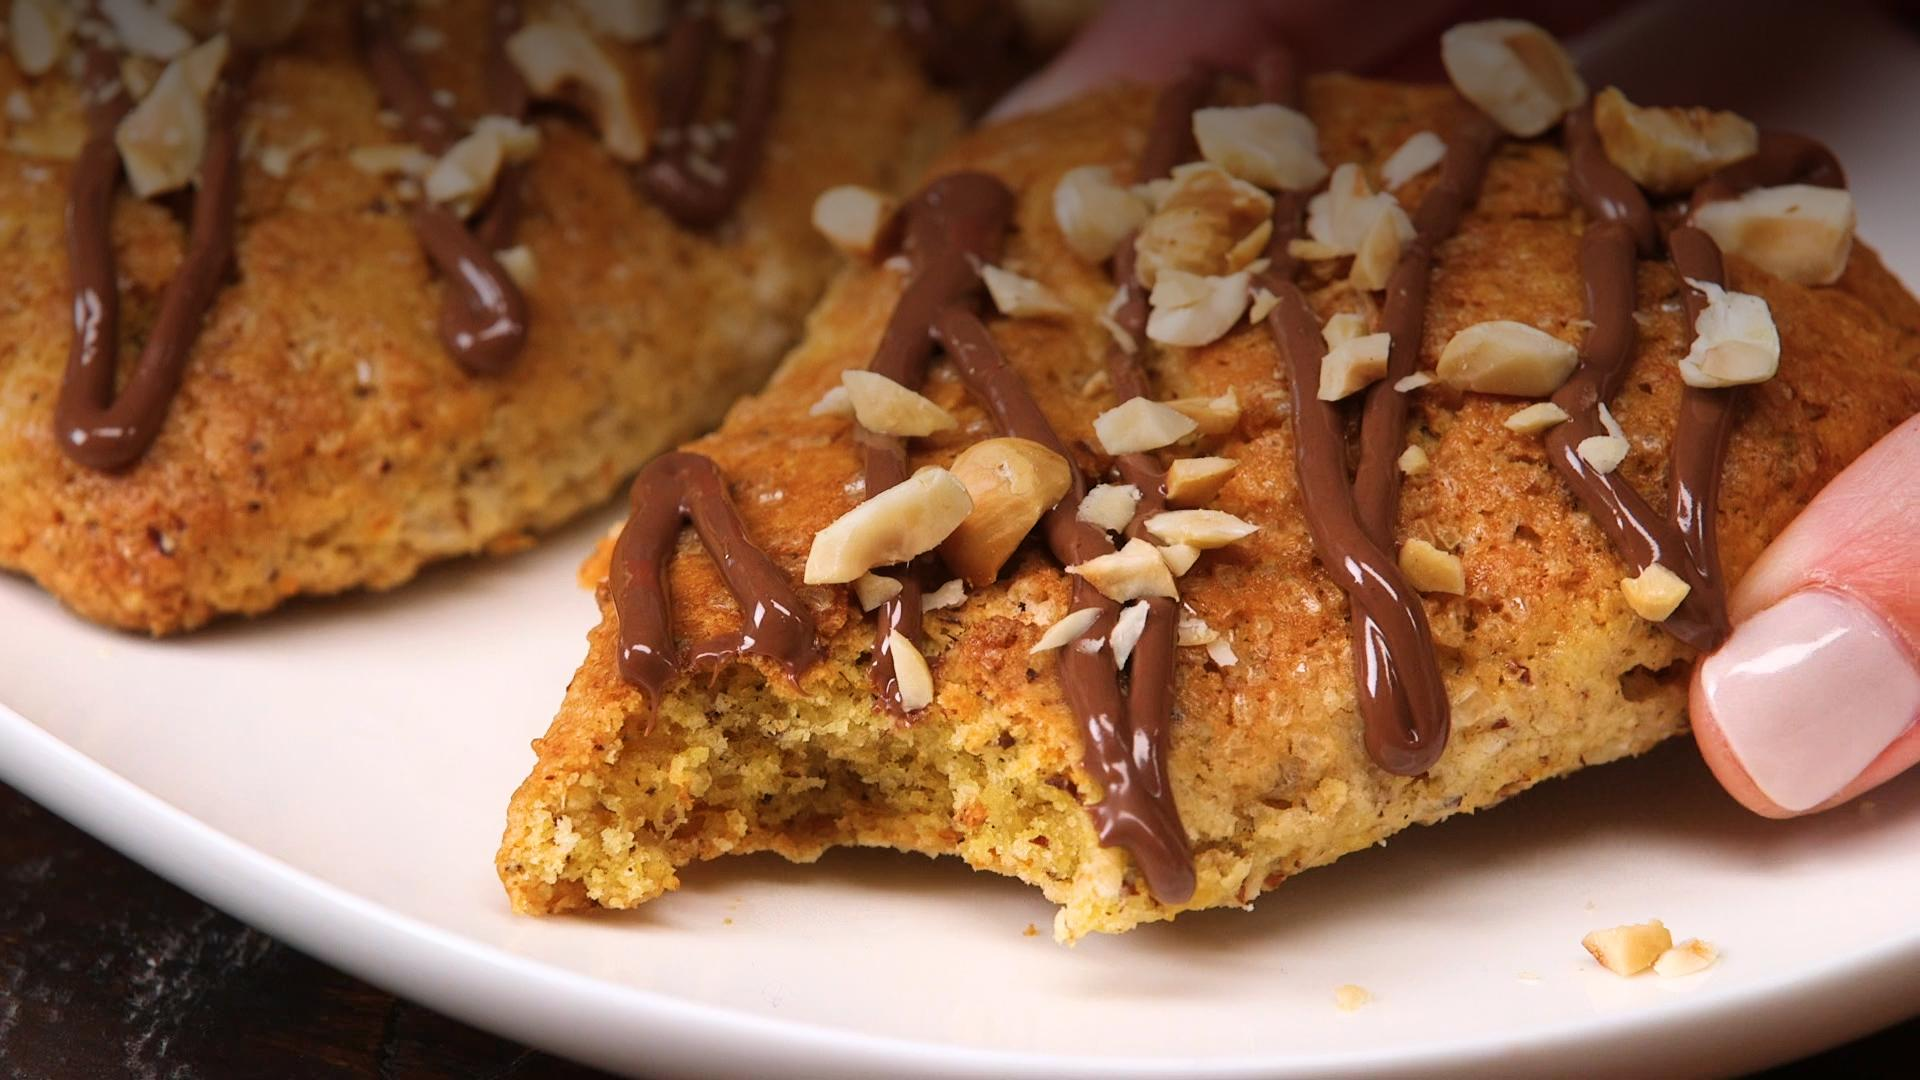 Sweet Potato-Hazelnut Scones with Nutella Glaze